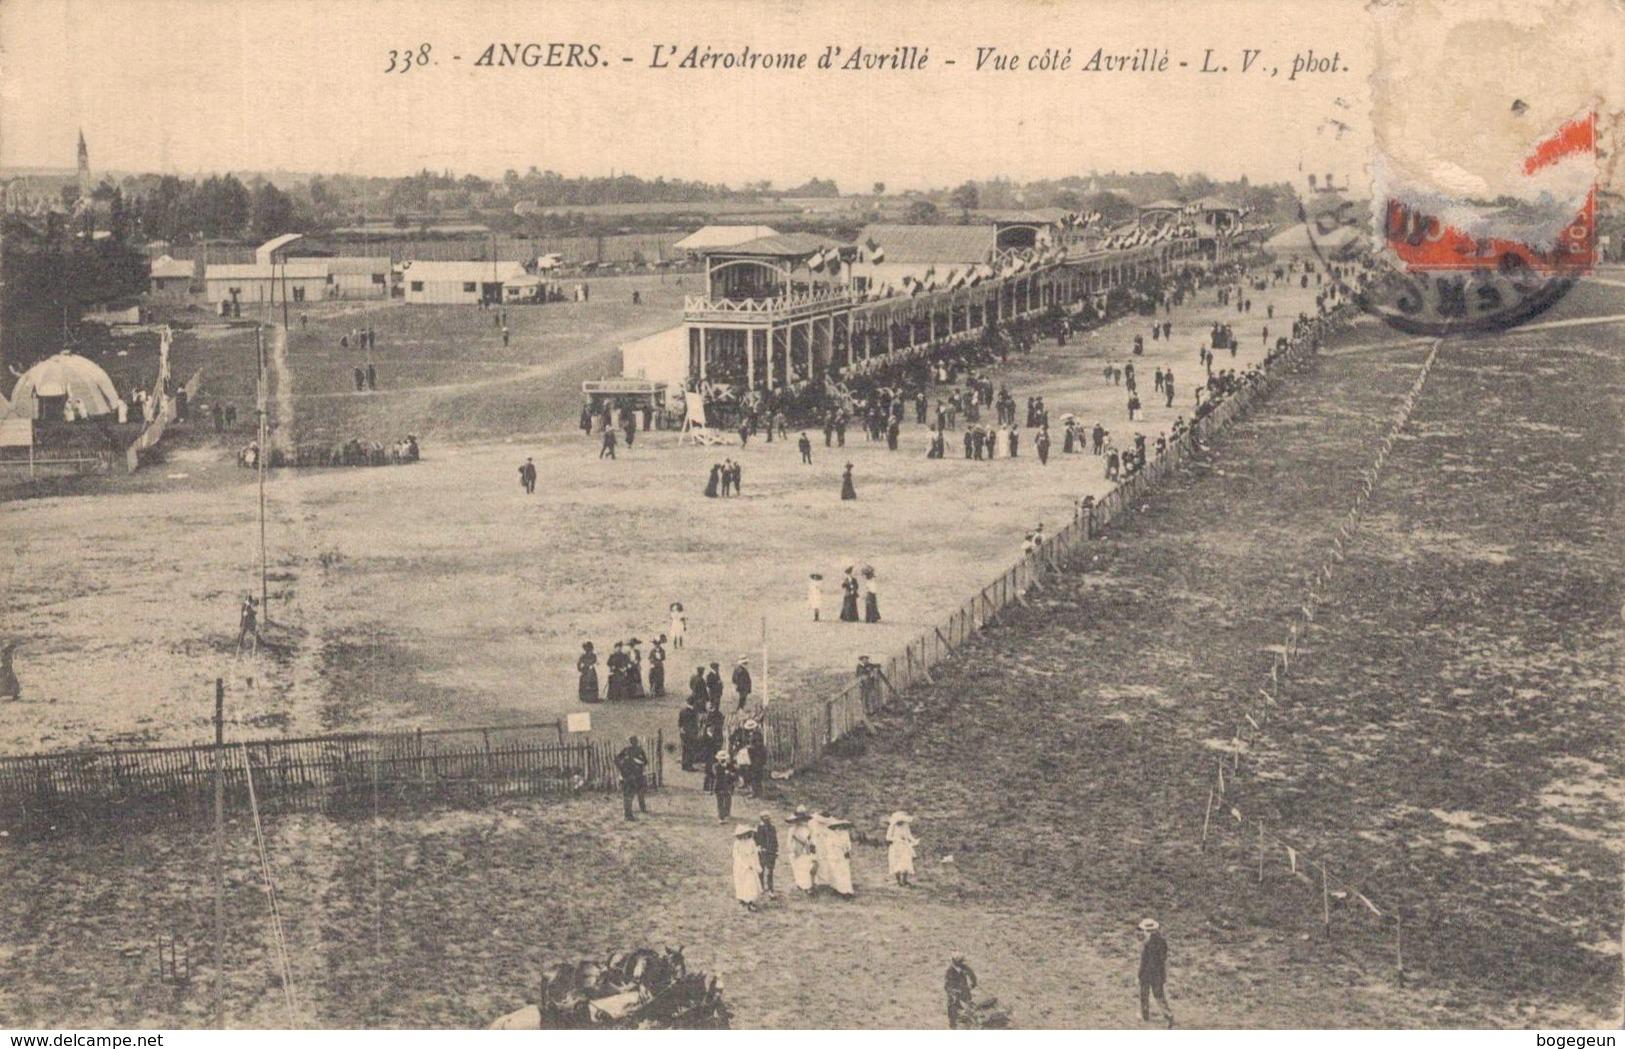 49 338 ANGERS L'Aérodrome D'Avrillé Vue Coté Avrillé - Angers